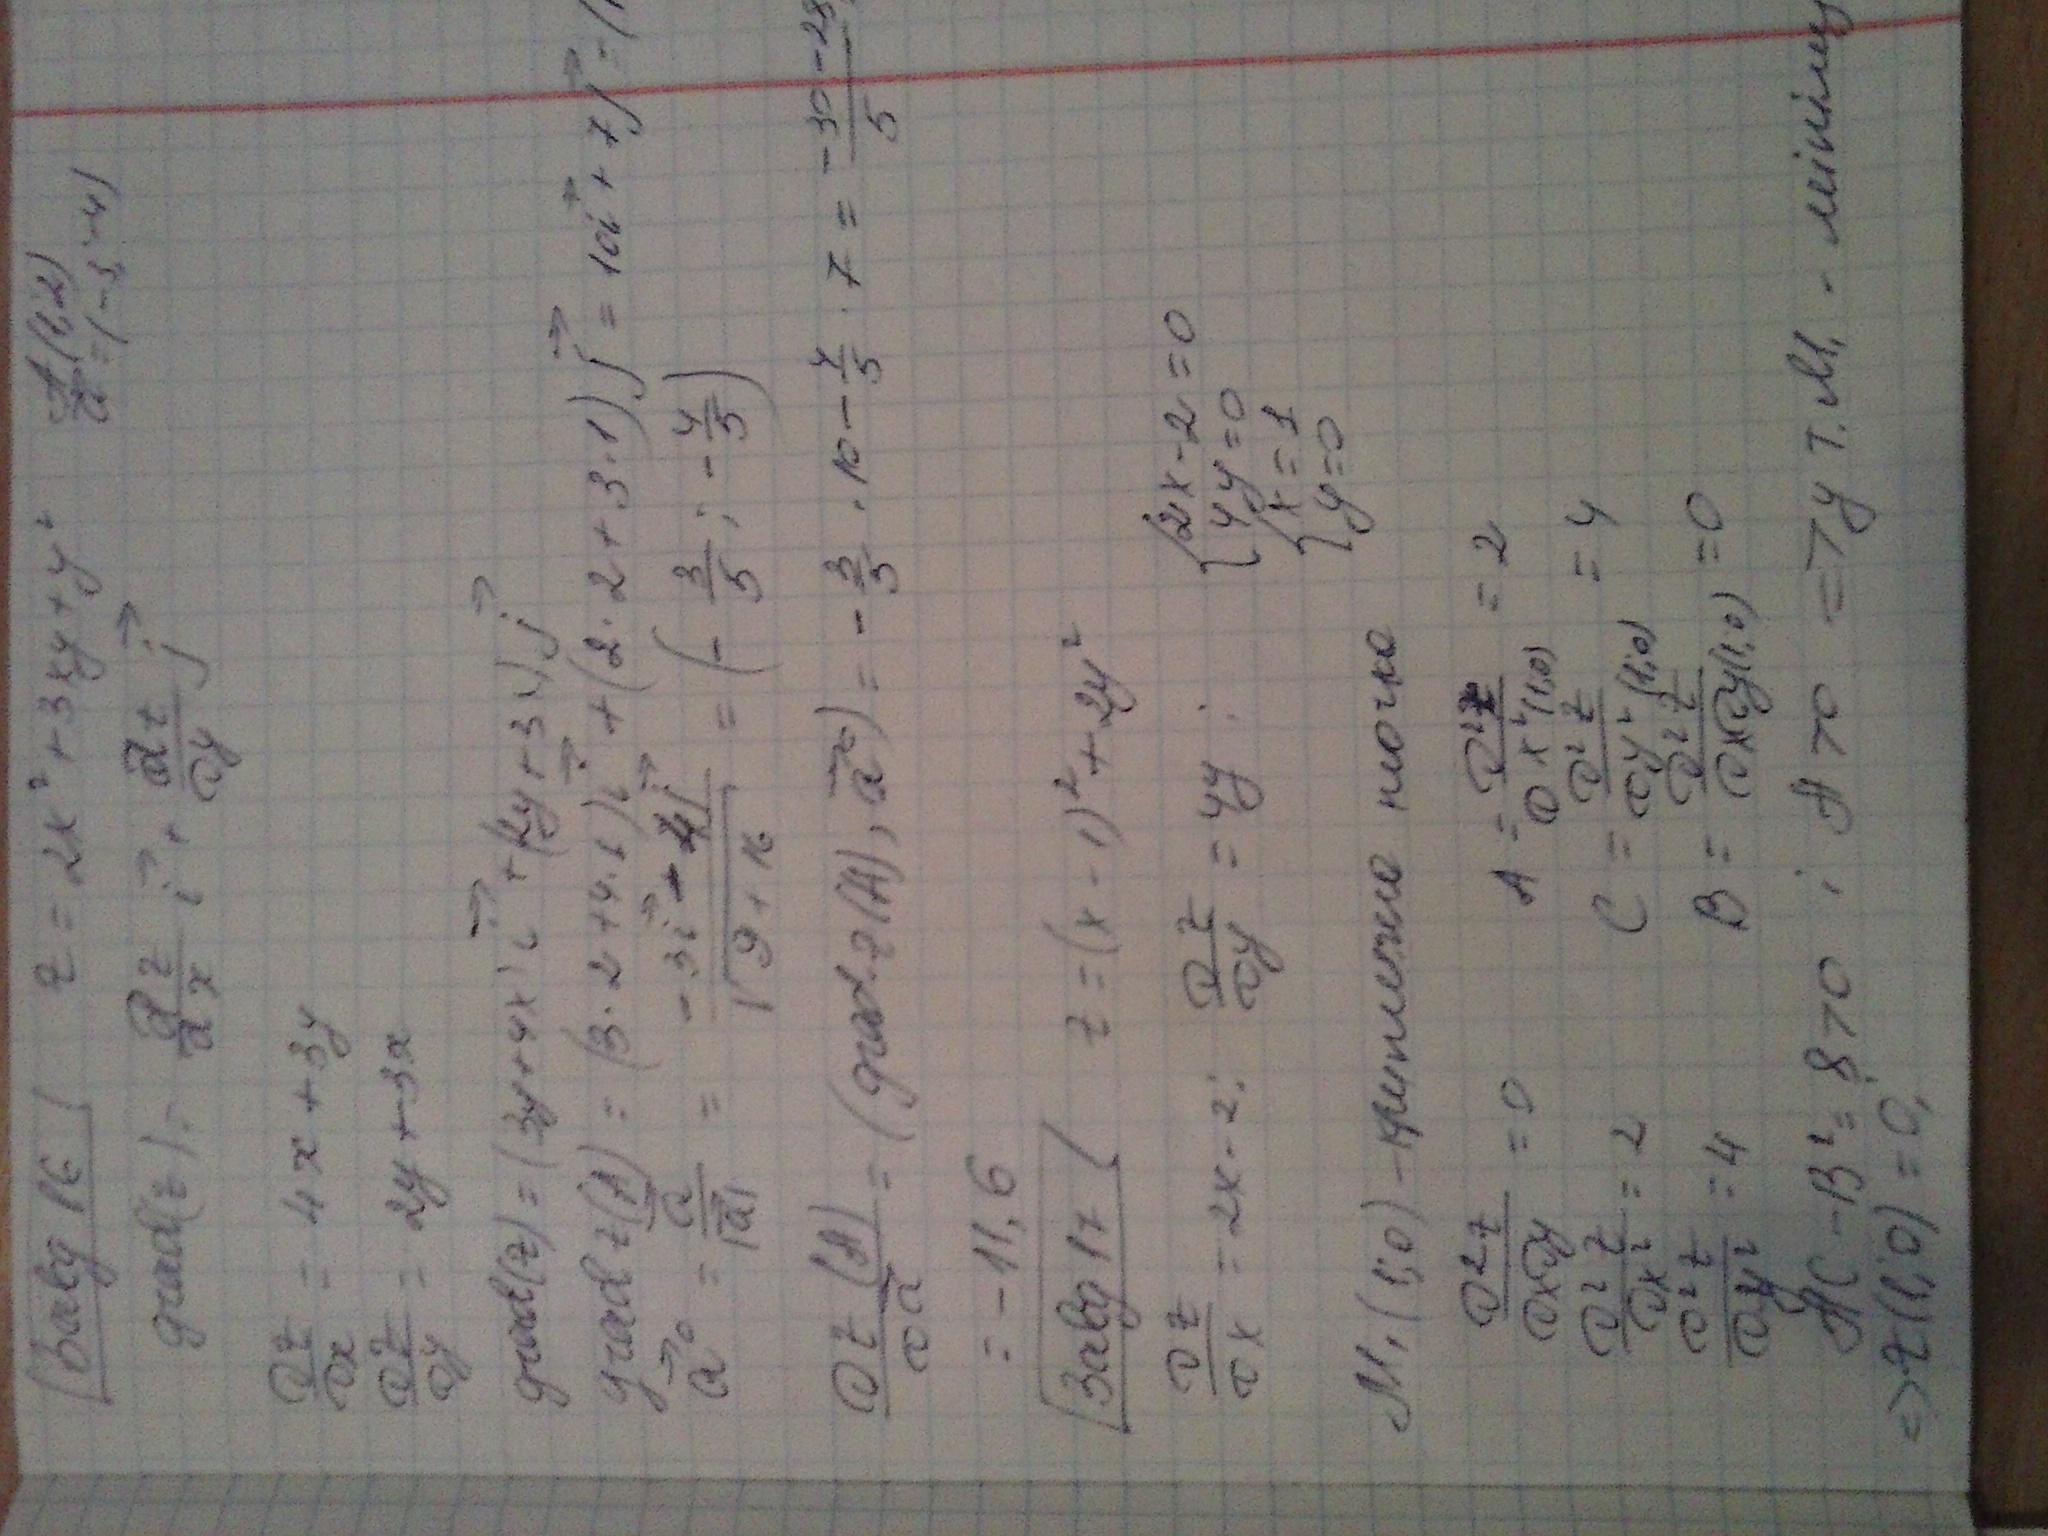 Фото Исполняю работы по разделах математики, информатики, вычислительной техники 4